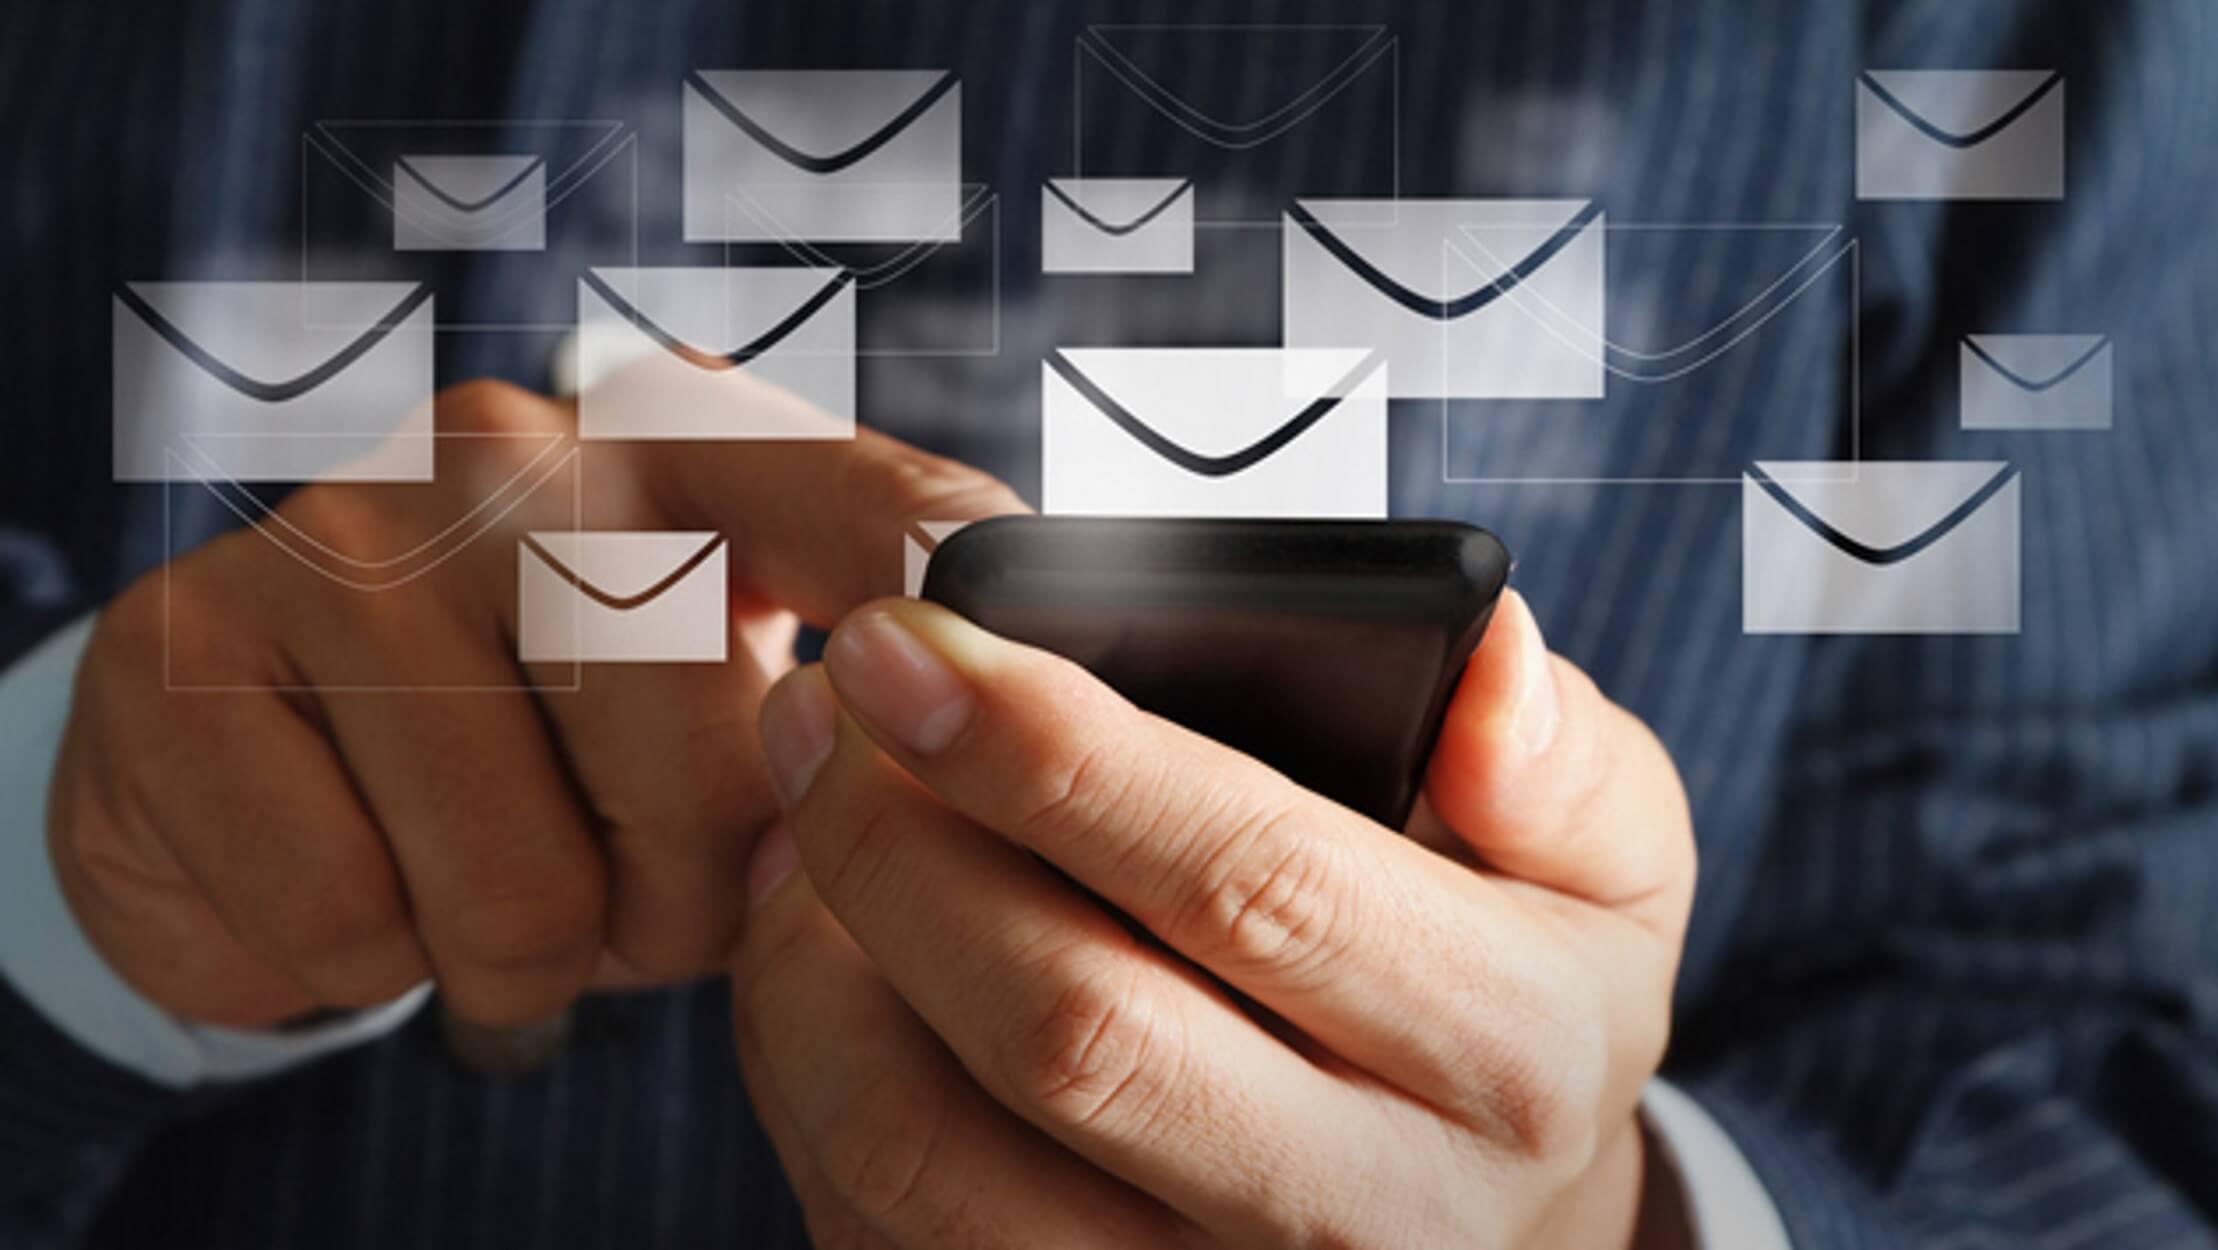 Έχετε mail από την αστυνομία (not) – Εξαπατούσαν πολίτες με μηνύματα για παραβίαση του e-banking τους